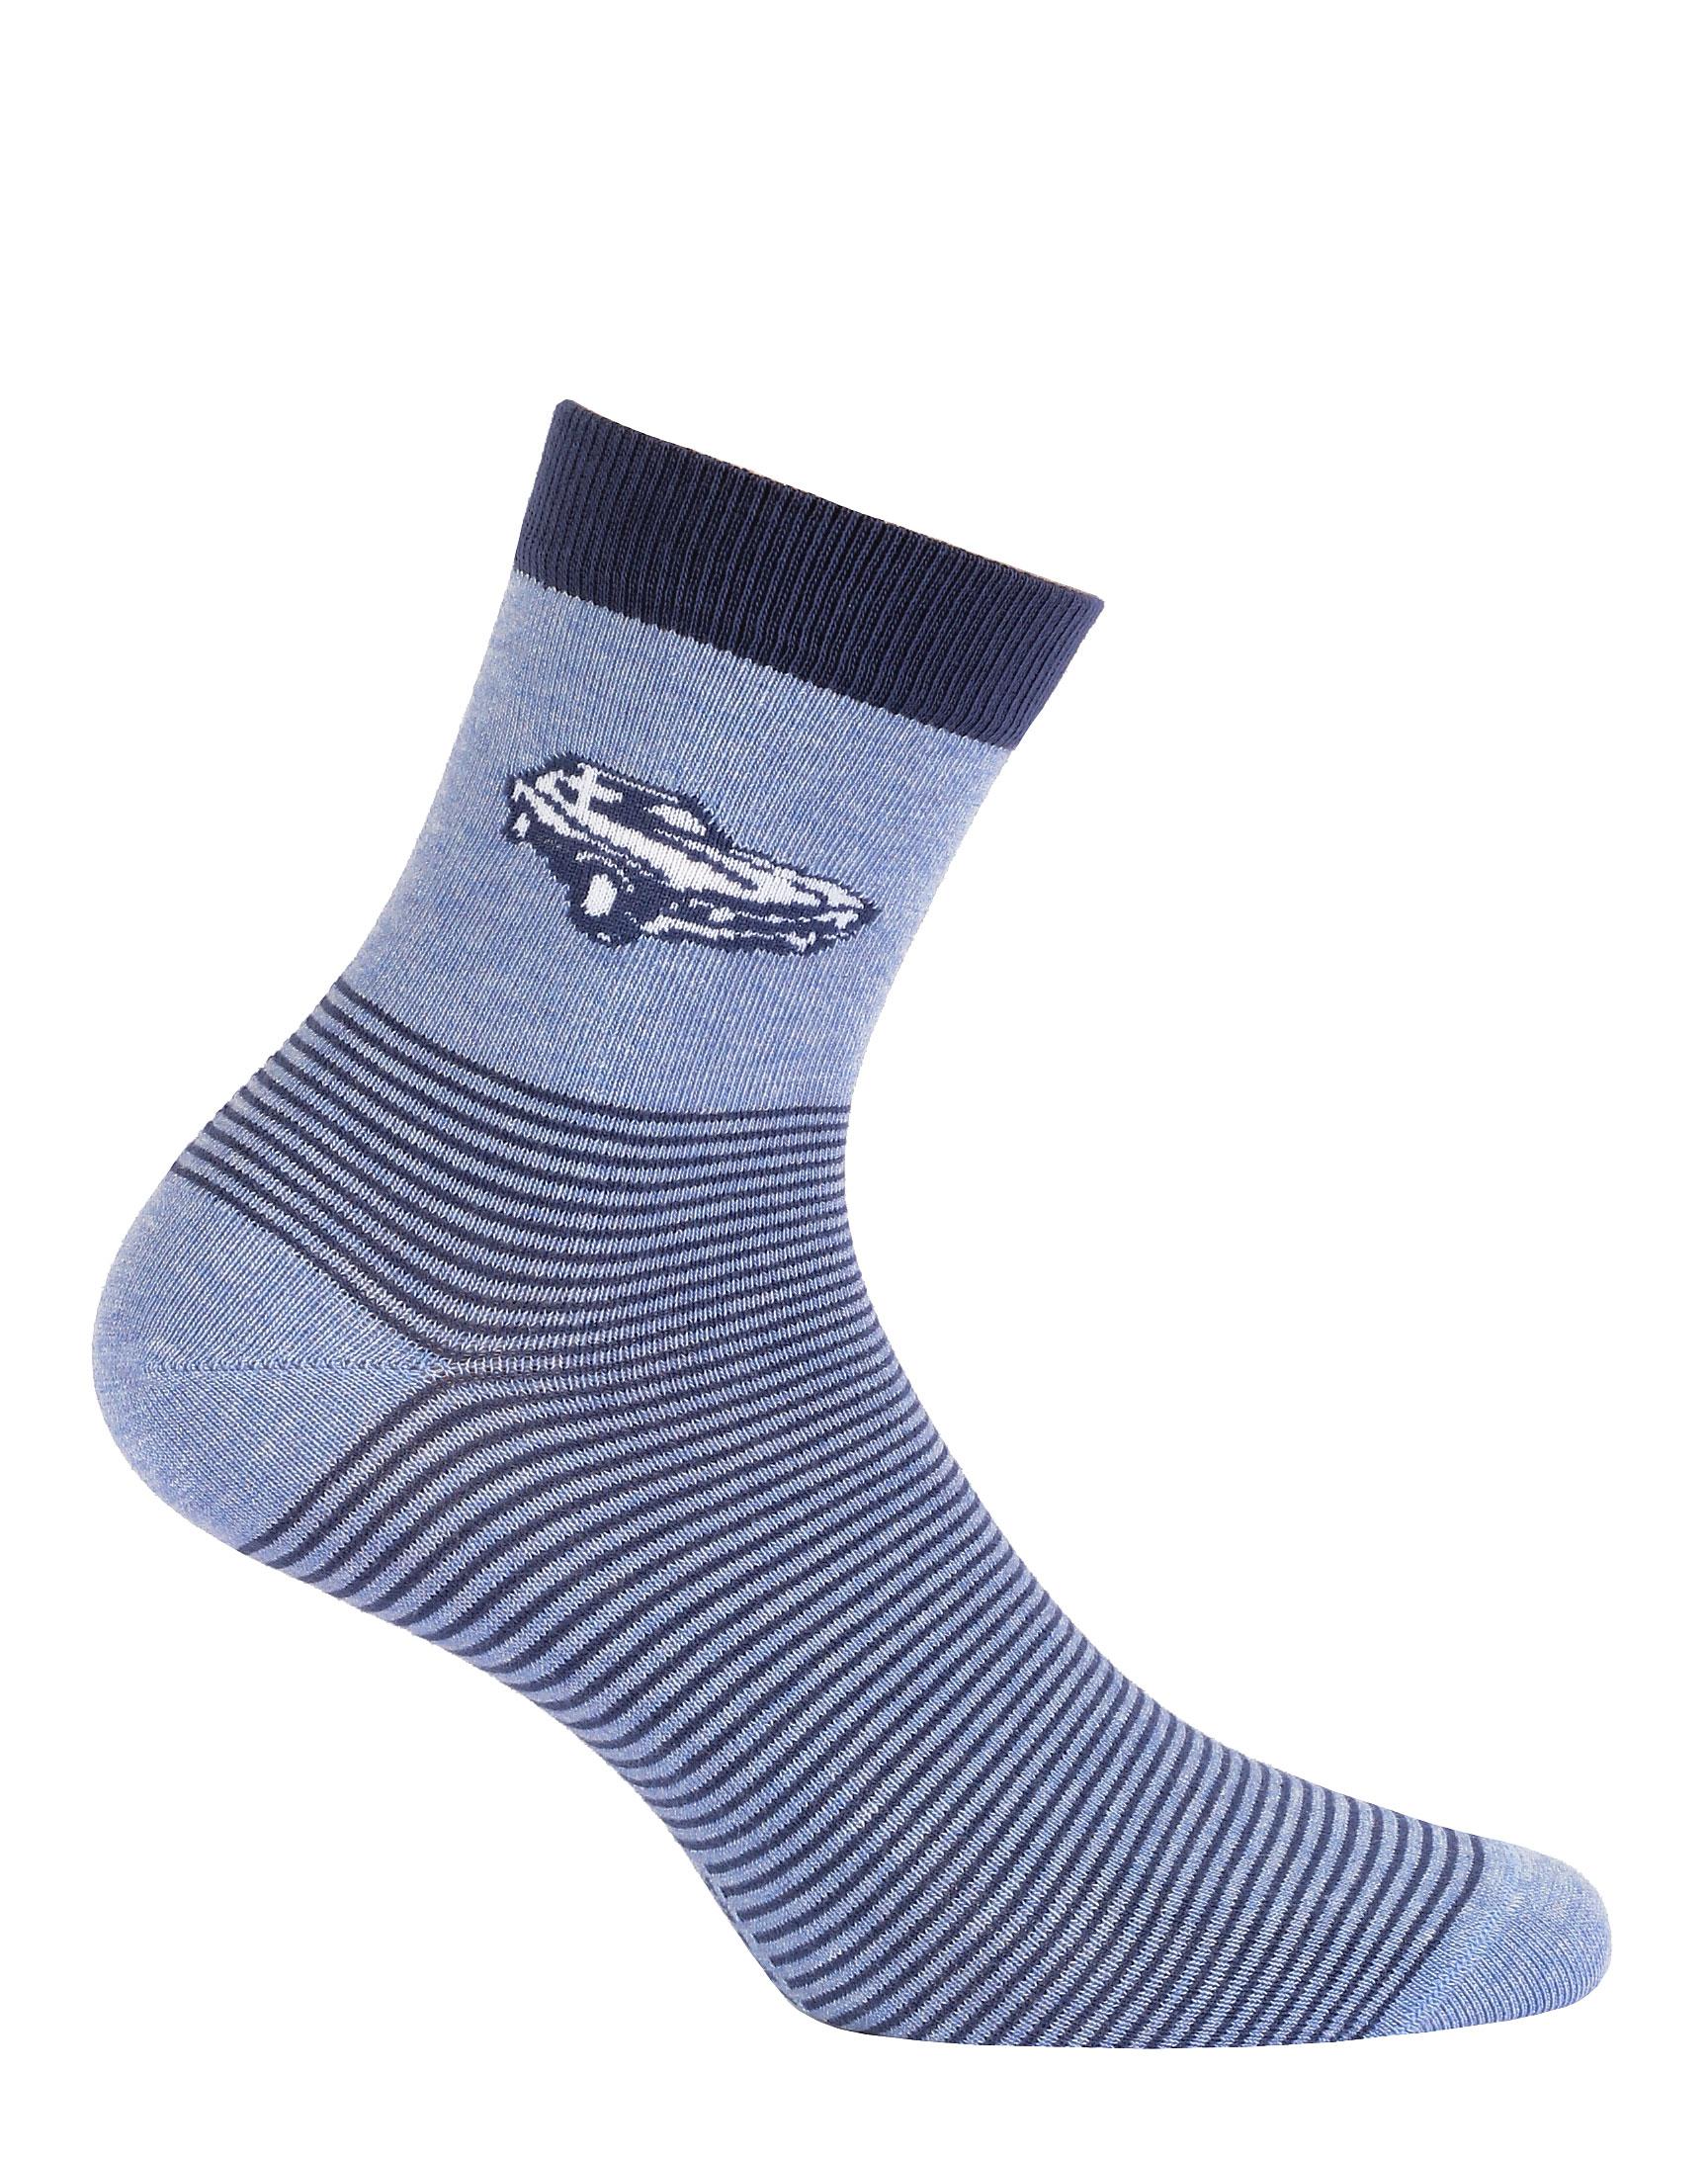 0414af0e513 Chlapecké ponožky WOLA AUTO modré Velikost  36-38